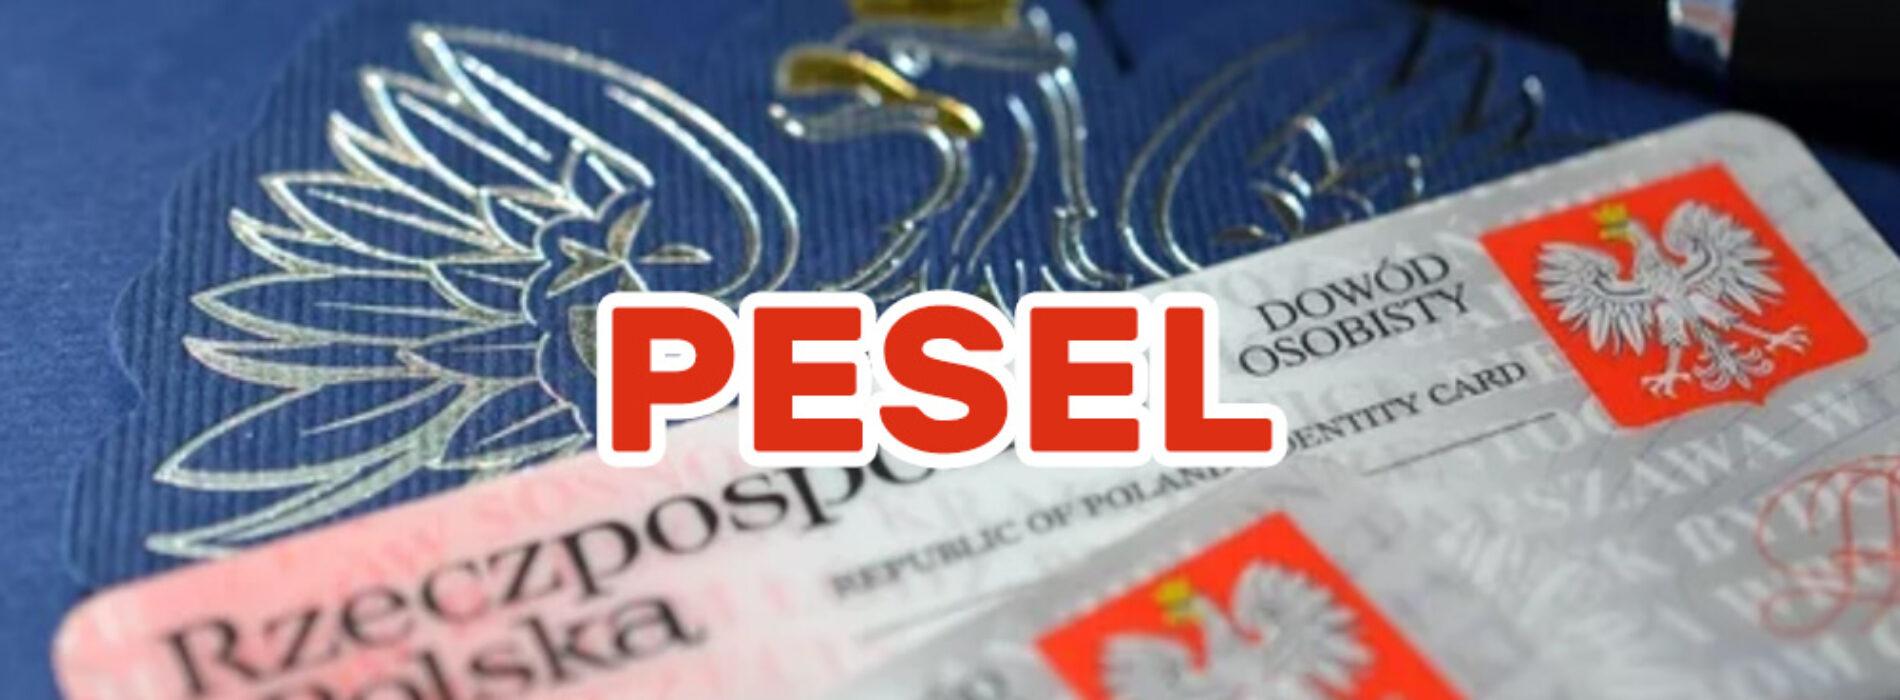 PESEL – czym jest ten numer i gdzie jest potrzebny?